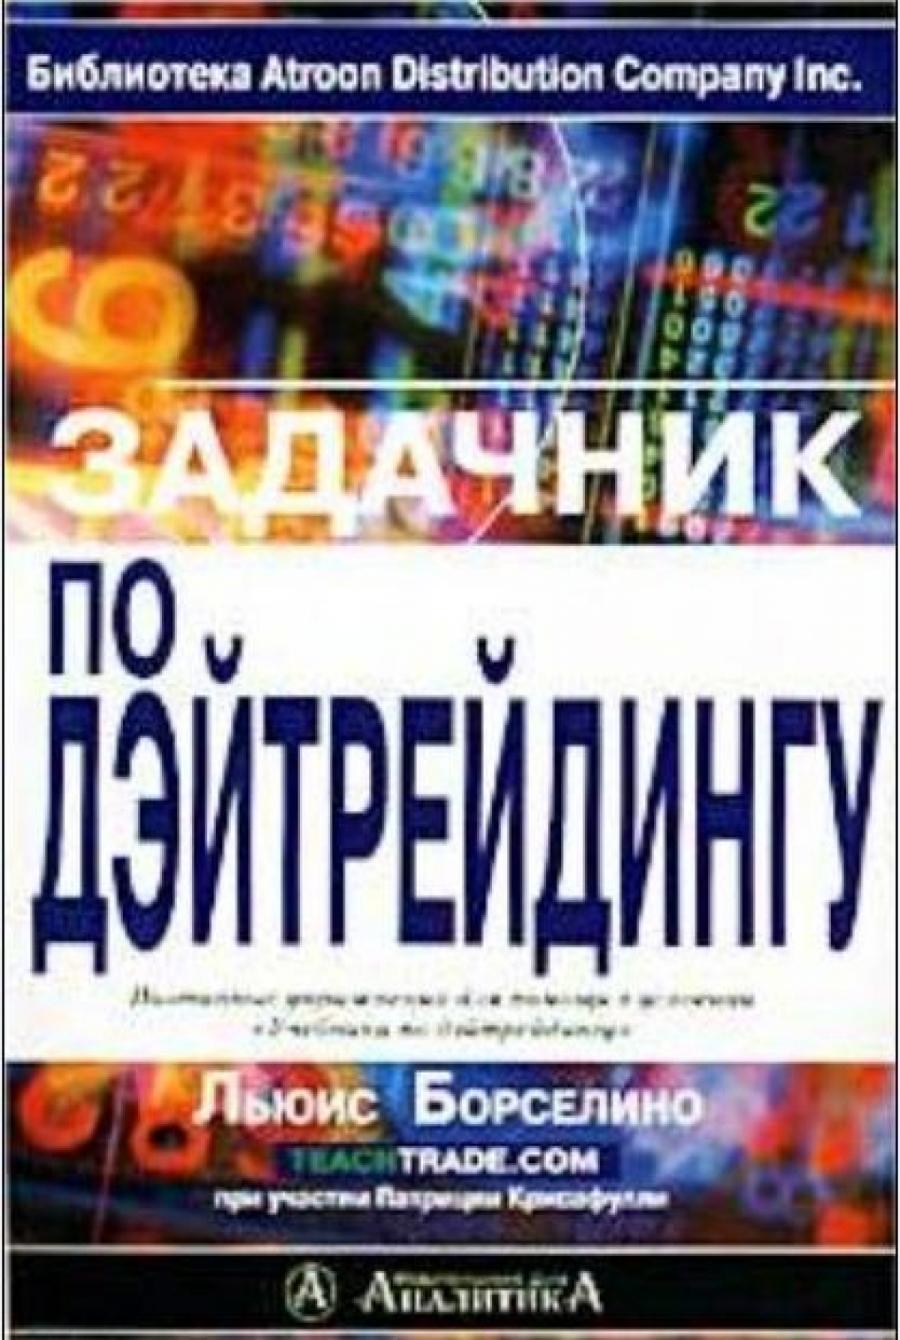 Обложка книги:  борселино л., крисафулли п.-учебник по дэйтрейдингу.